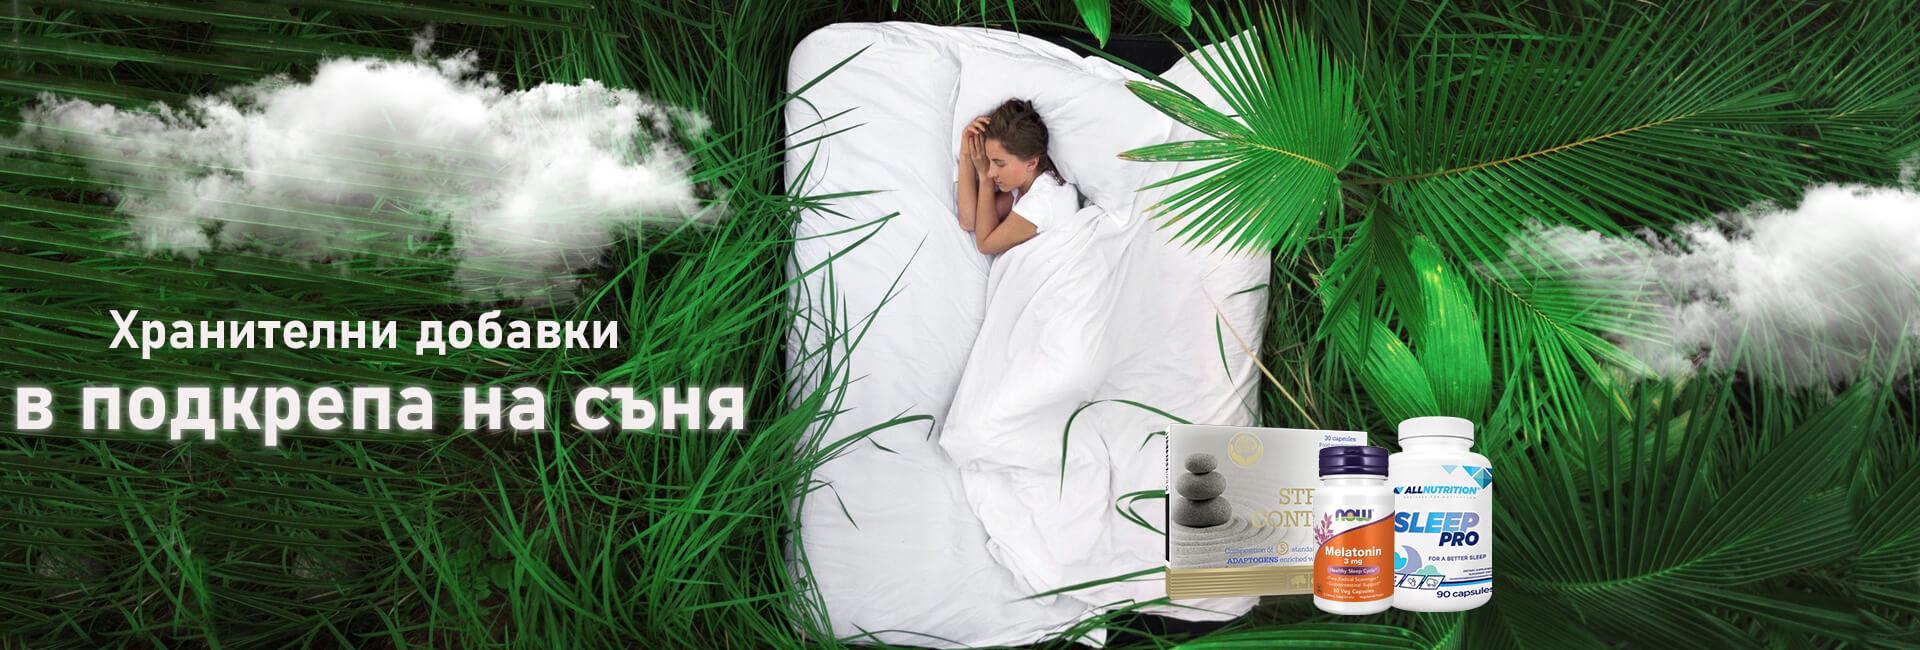 хранителни добавки за сън - мелатонин